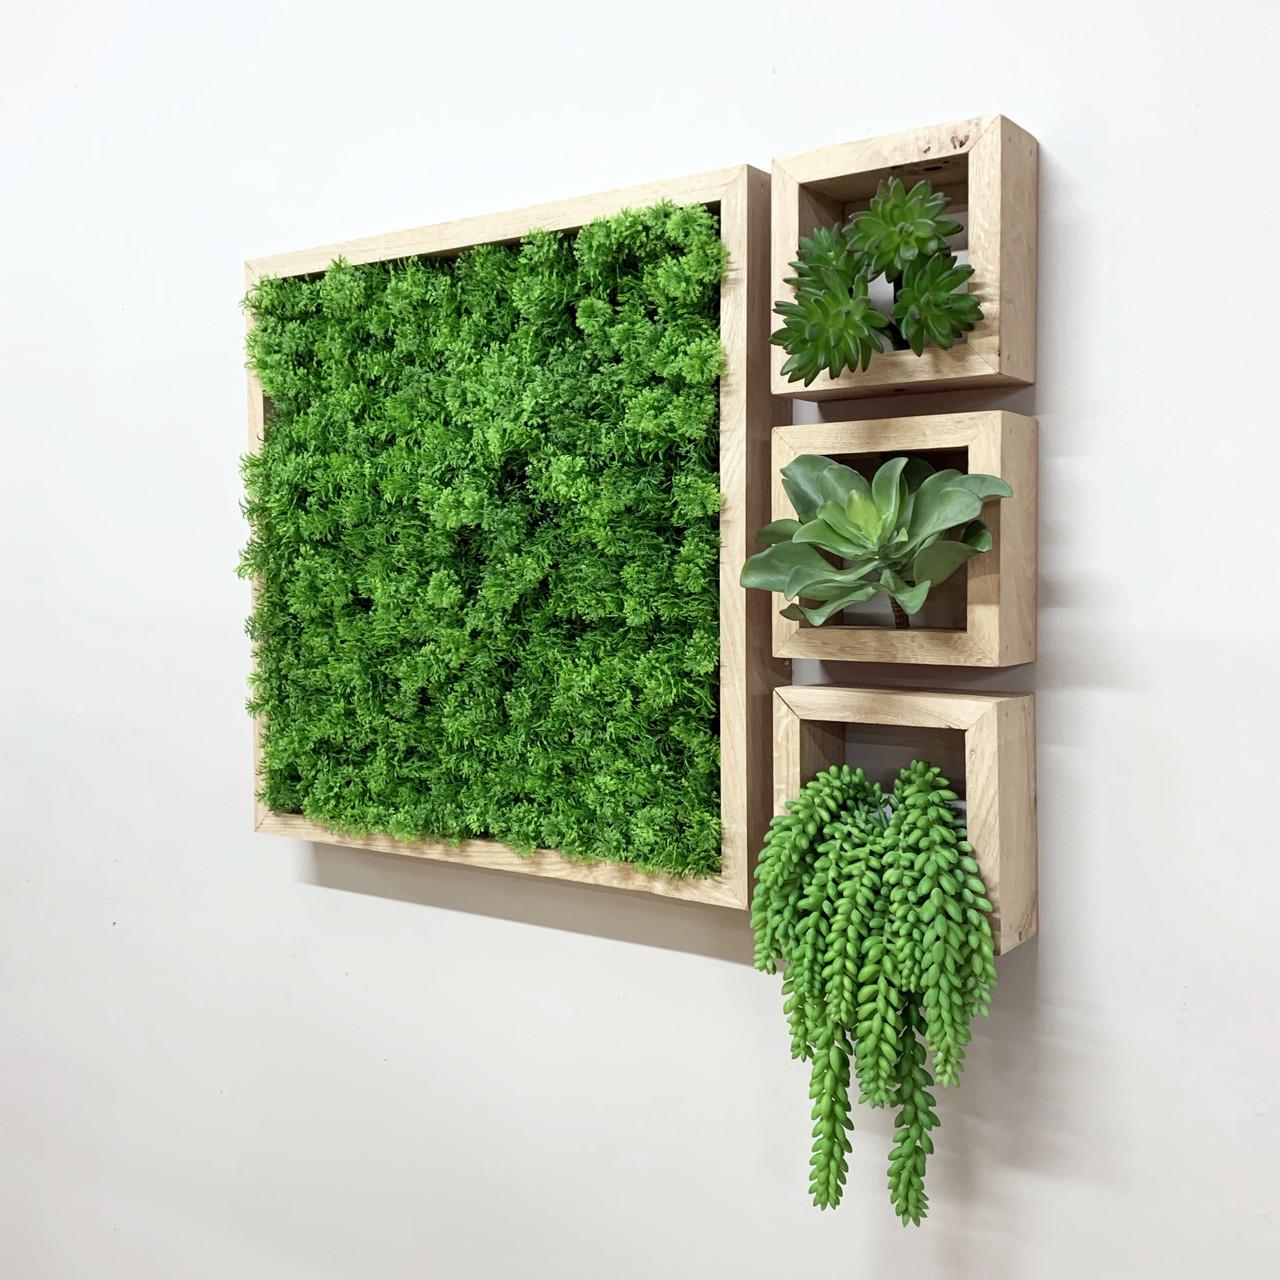 Kunst Groene Wand Frames - houten lijsten met mos / plantjes